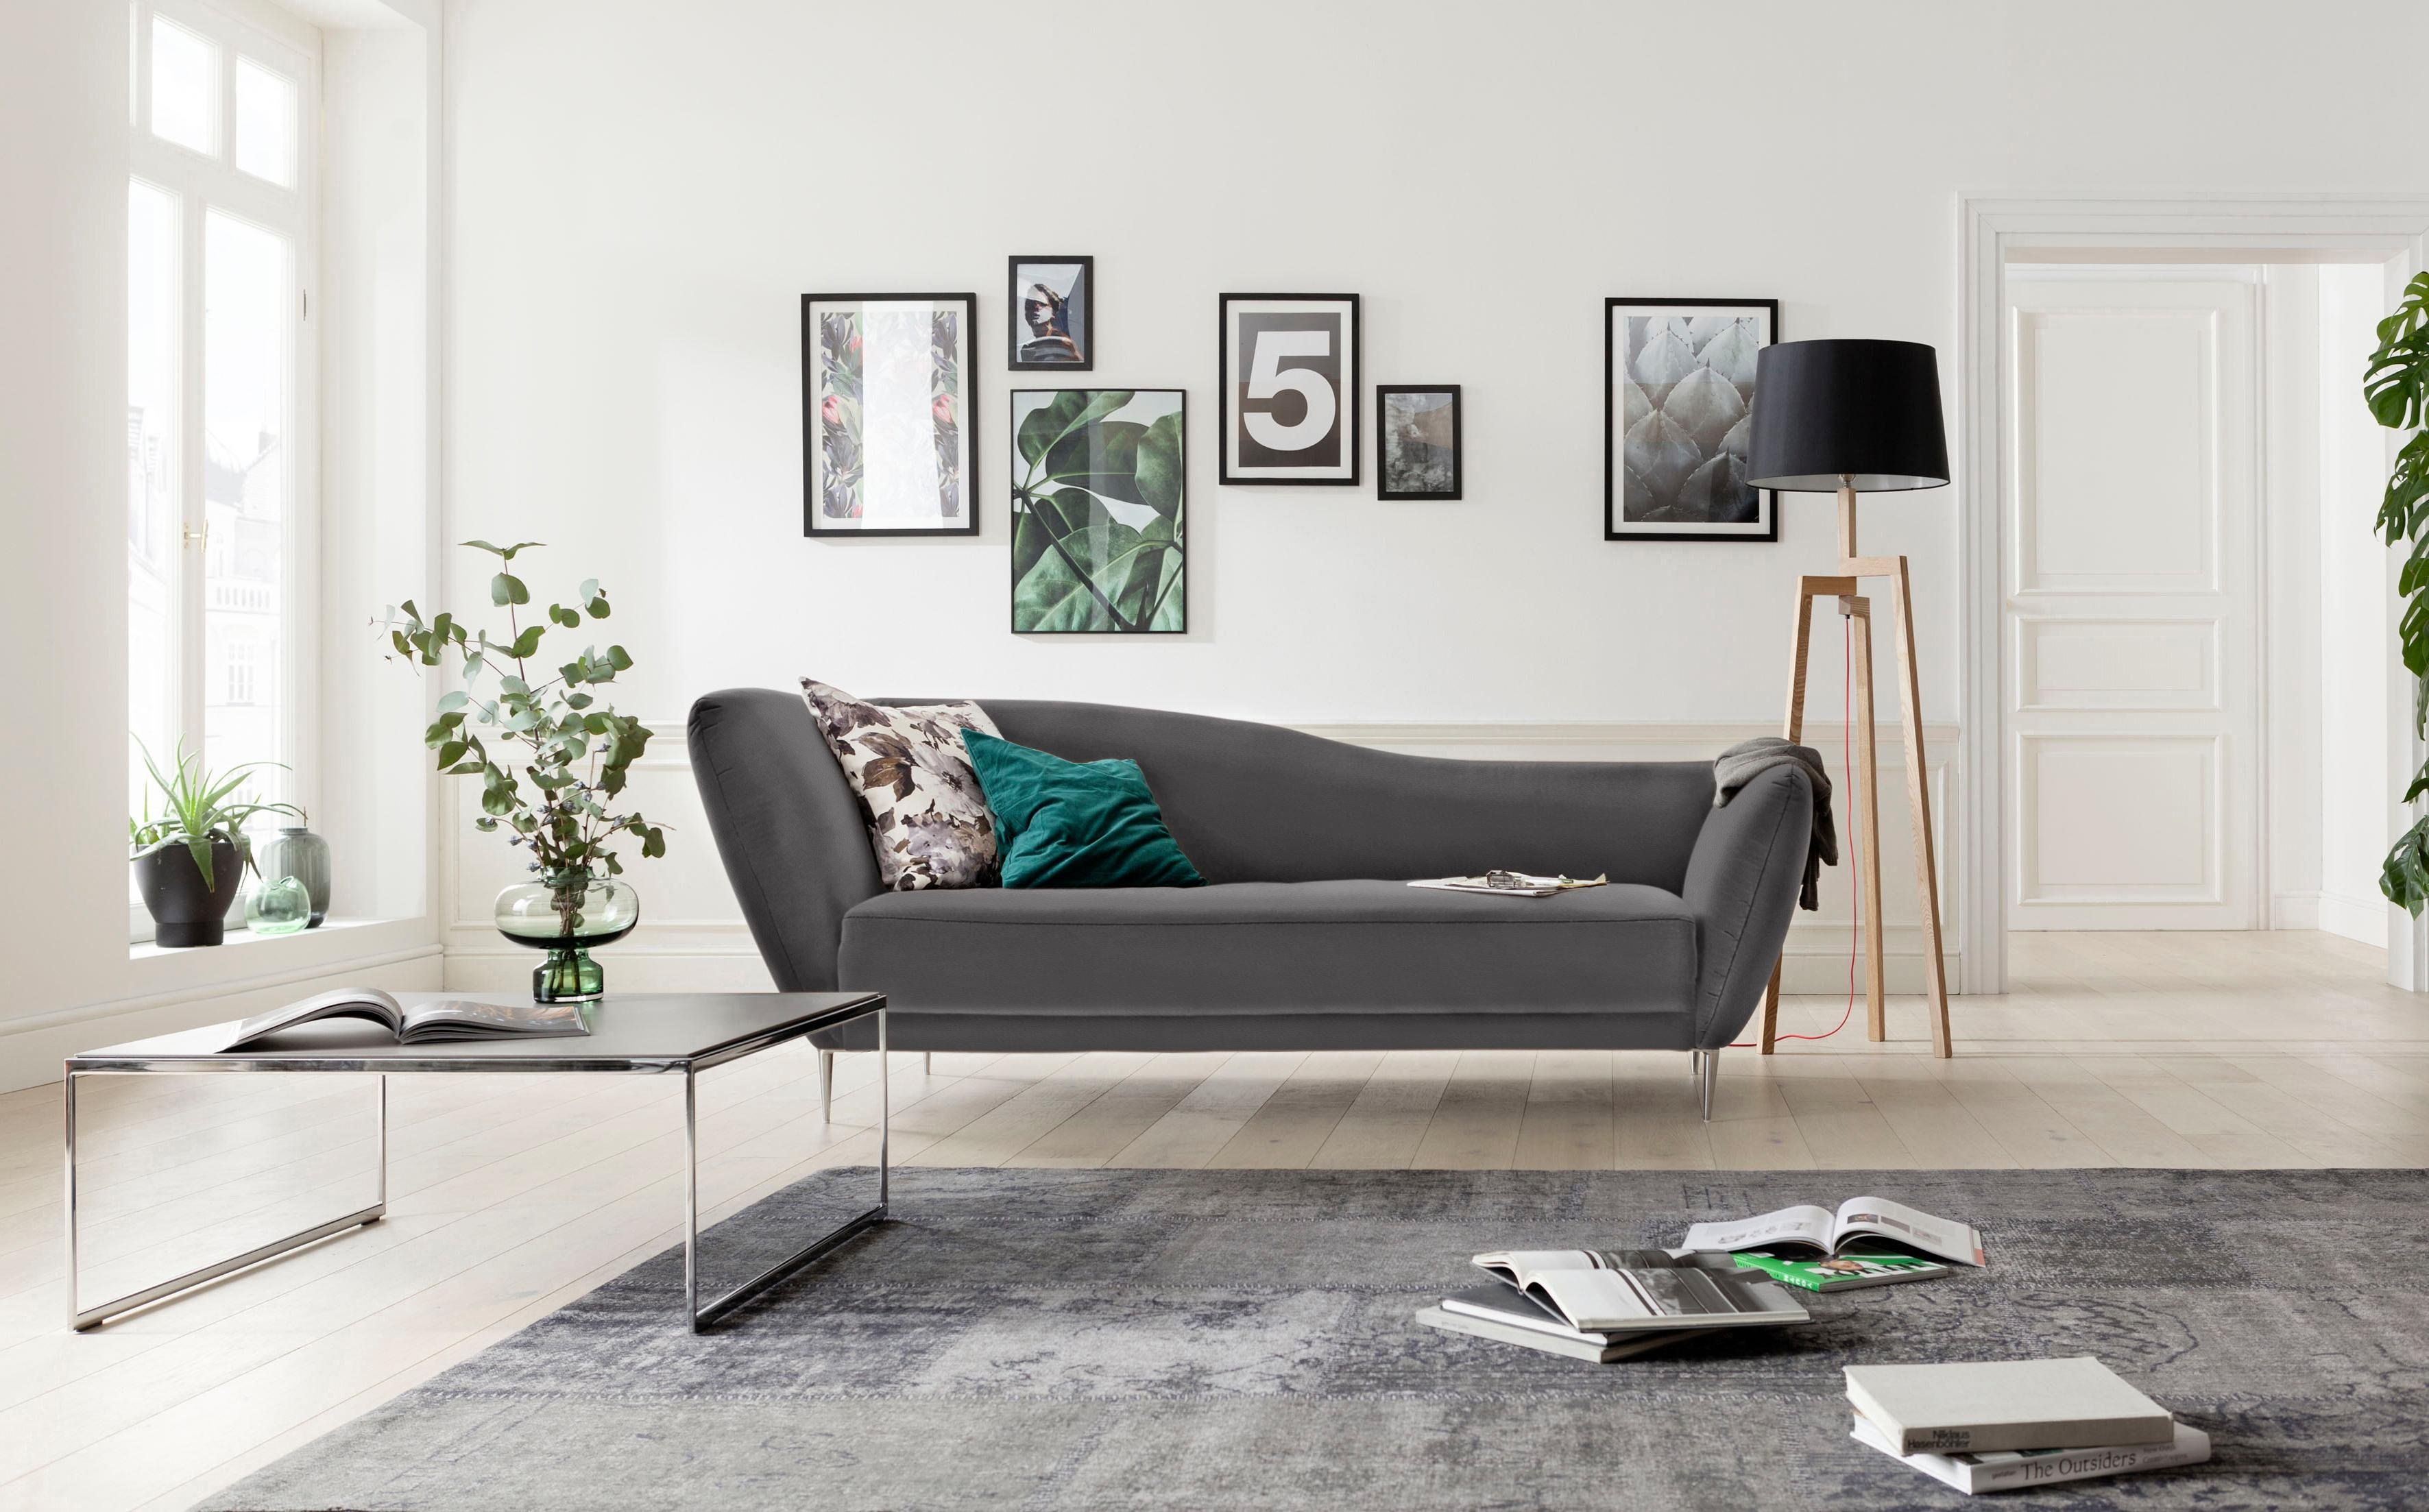 GALLERY M Recamiere »Vittoria« in fünf Bezugsqualitäten | Wohnzimmer > Sofas & Couches > Recamieren | Microfaser - Leder - Flachgewebe - Baumwolle | Gallery M